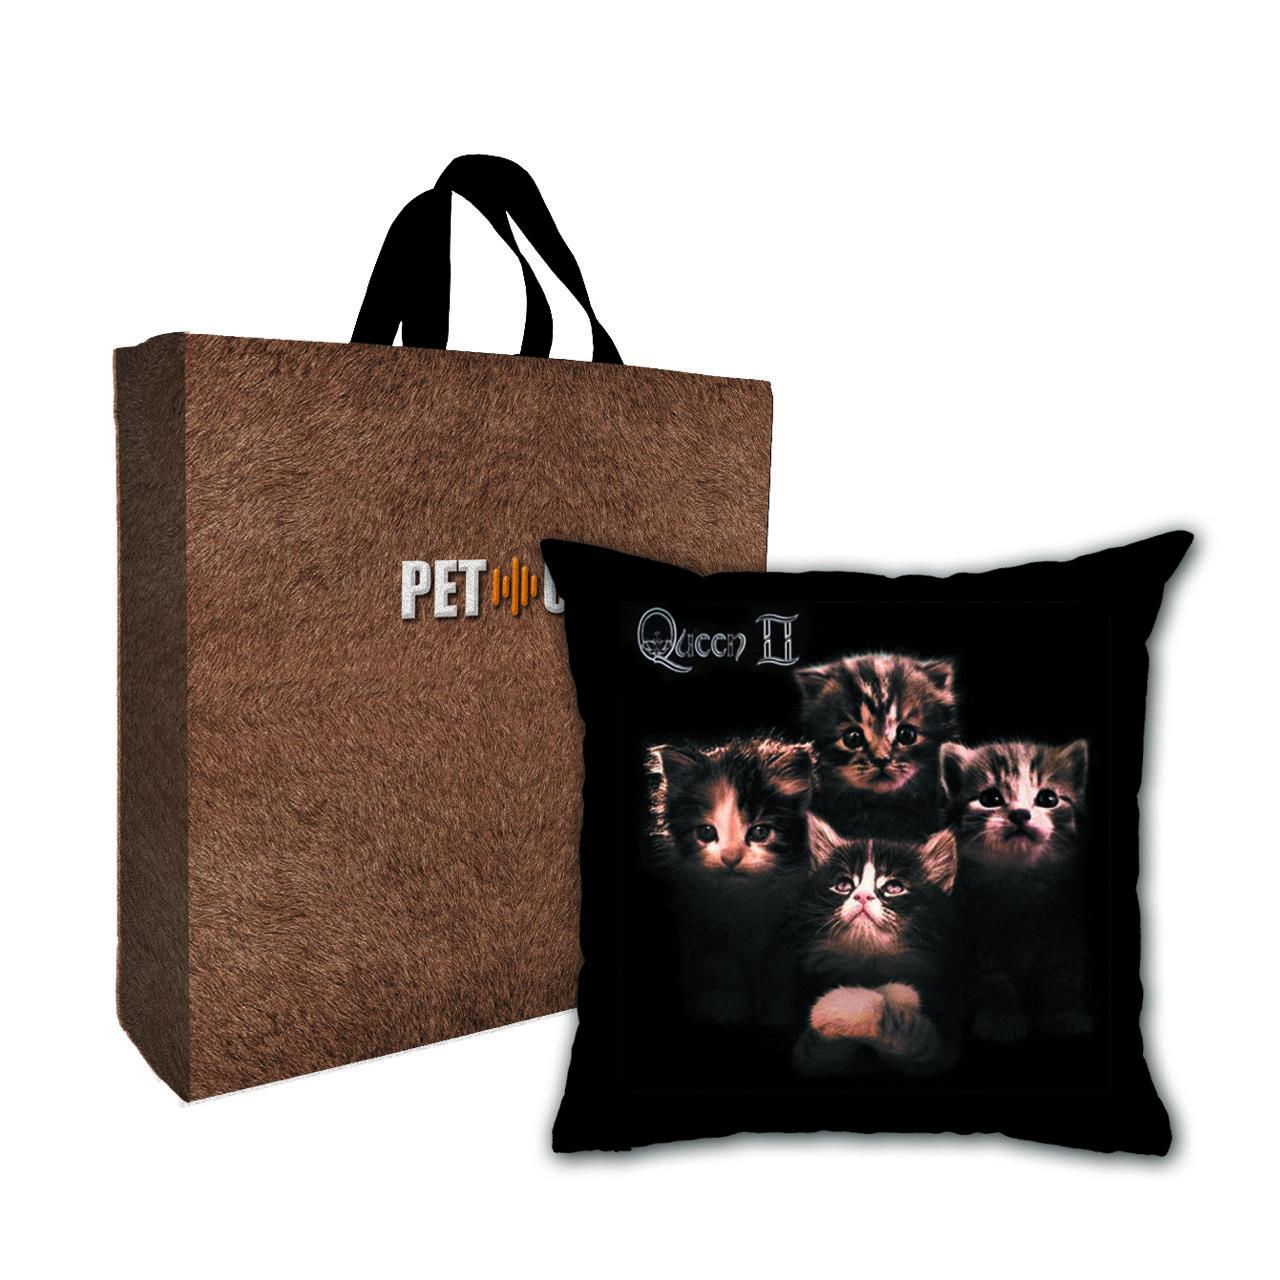 Kit Almofada & Sacola Bege Pet Use - Royal Cats II - Gatos